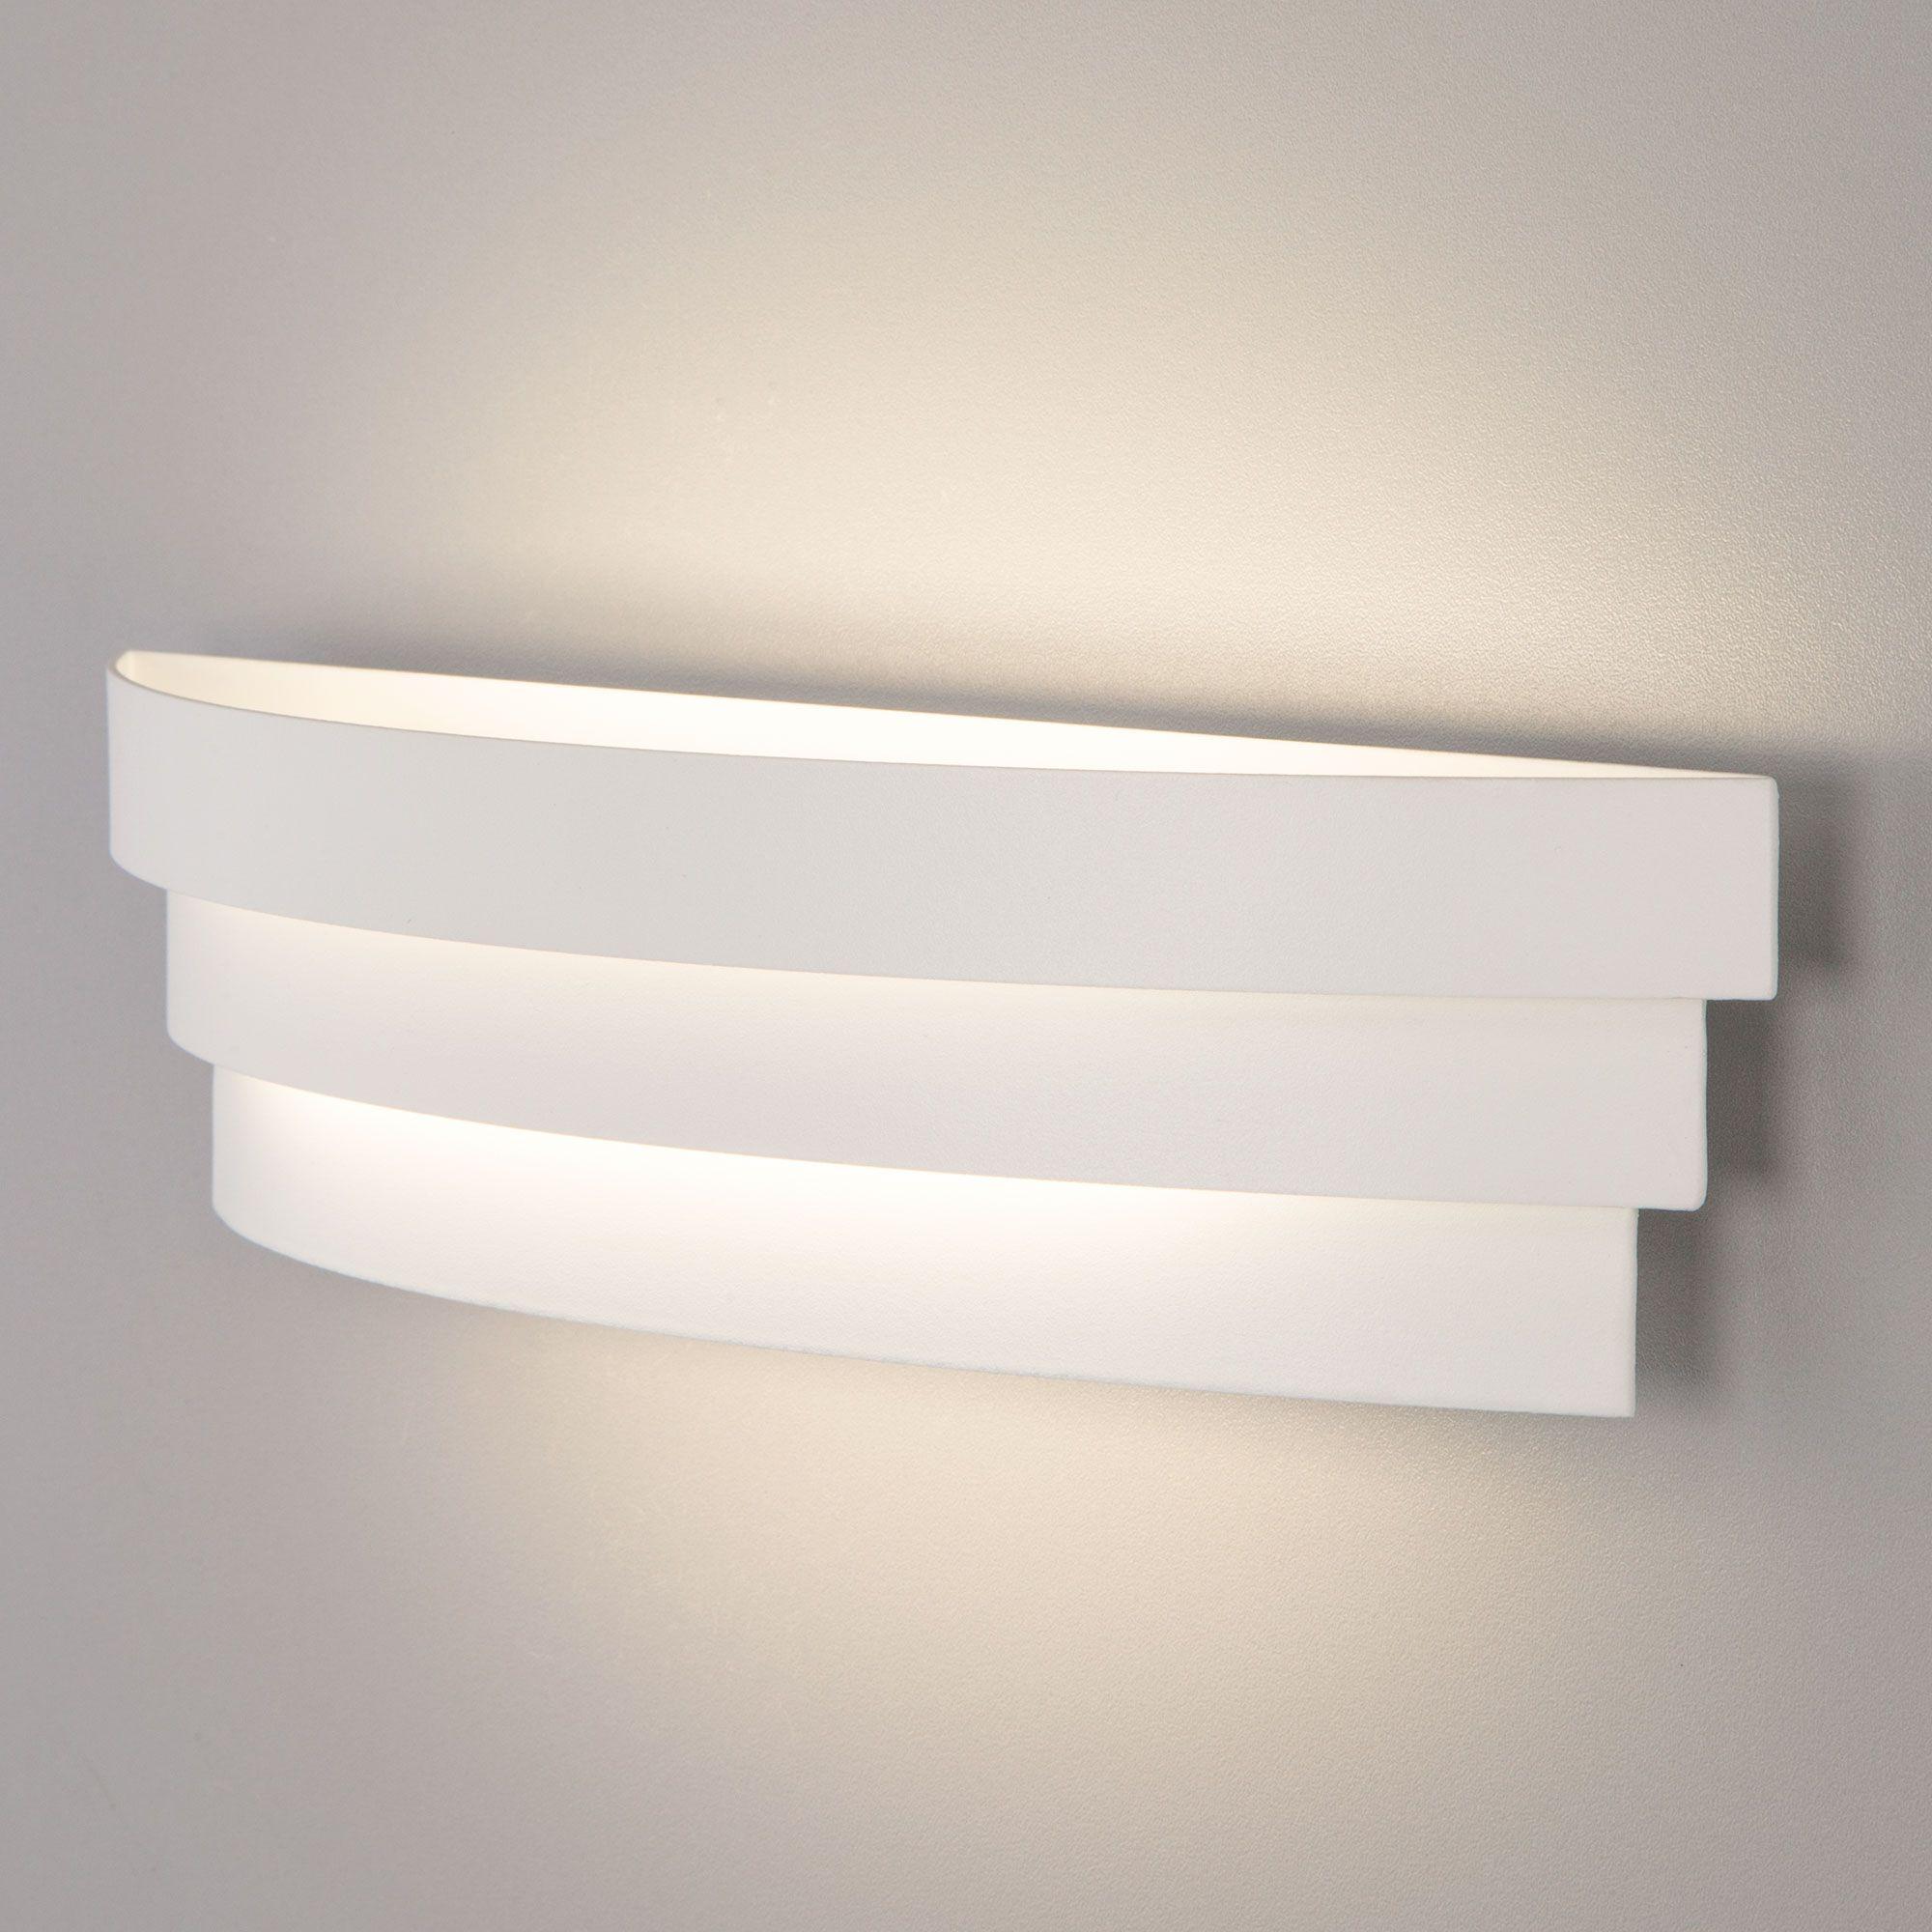 Настенный светодиодный светильник Riara LED белый (MRL LED 1012)